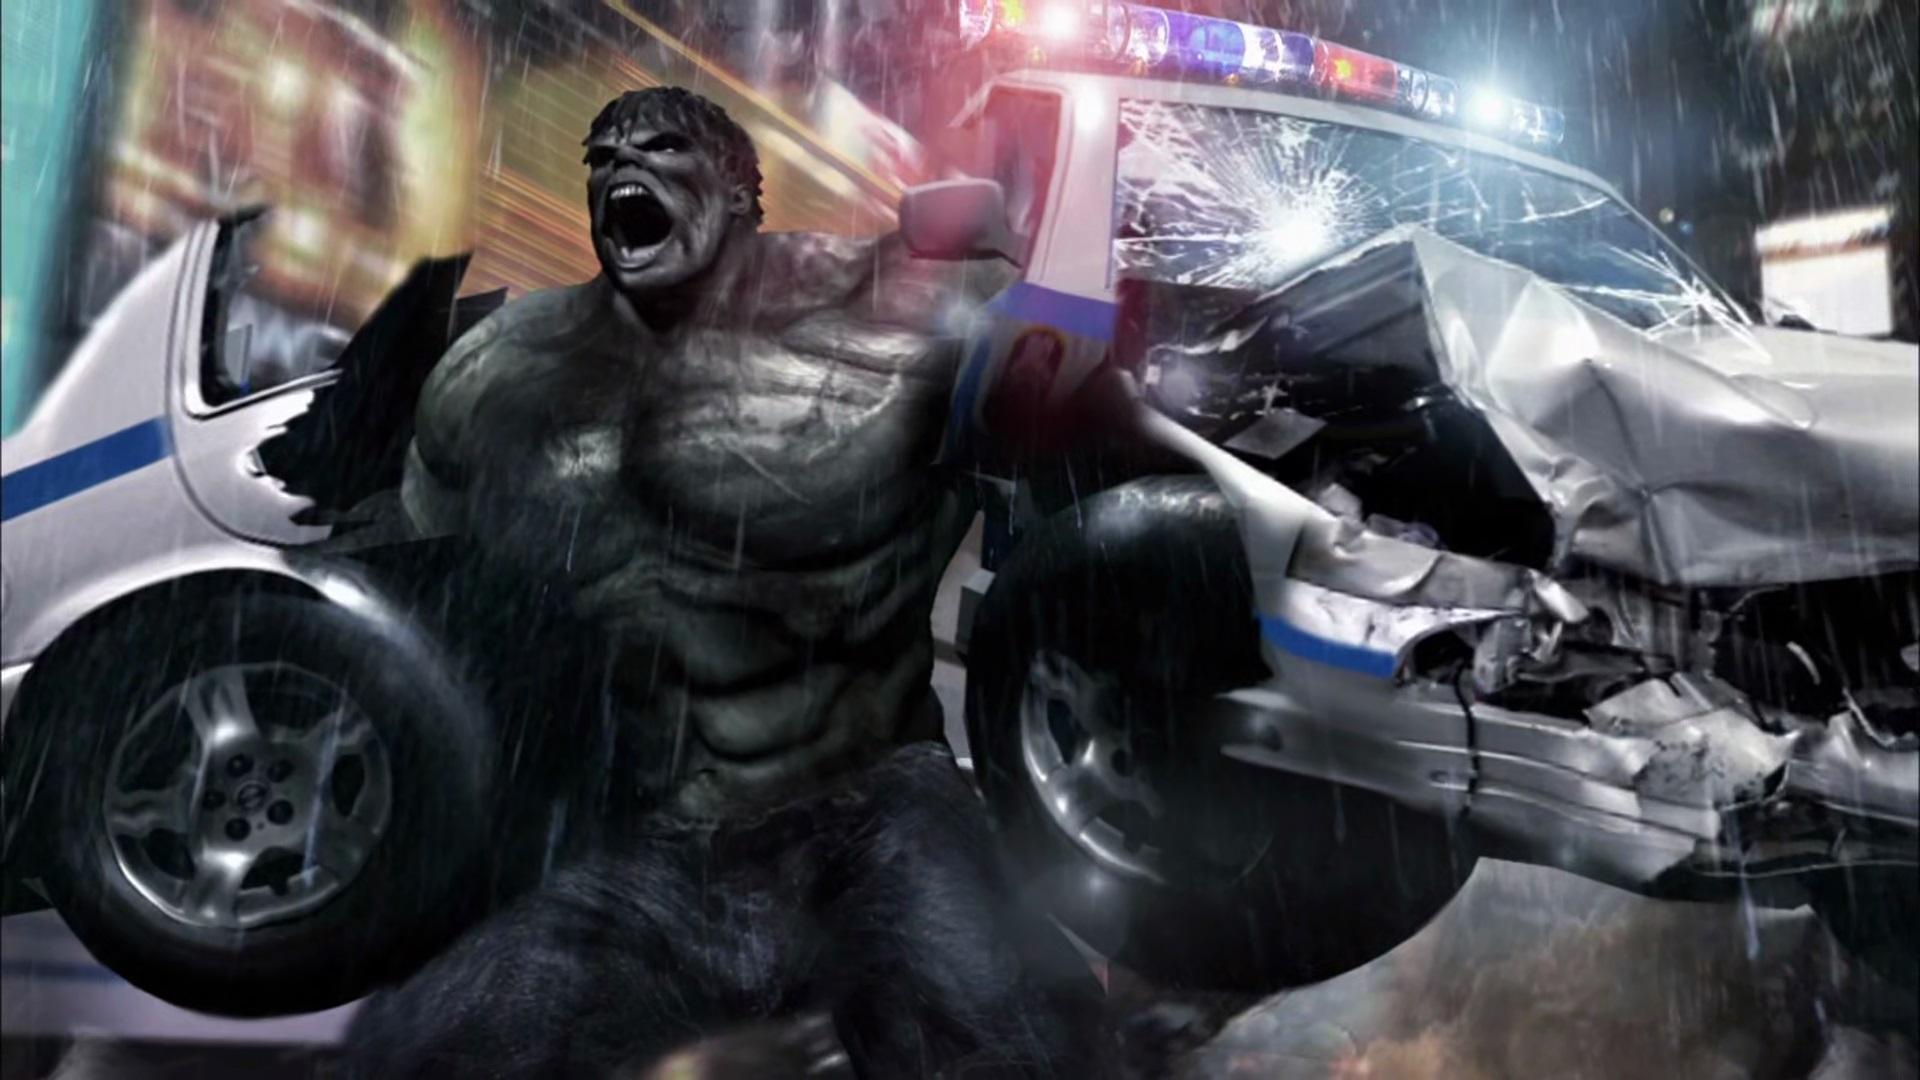 File:Hulk - boxing gloves - Concept Art.jpg